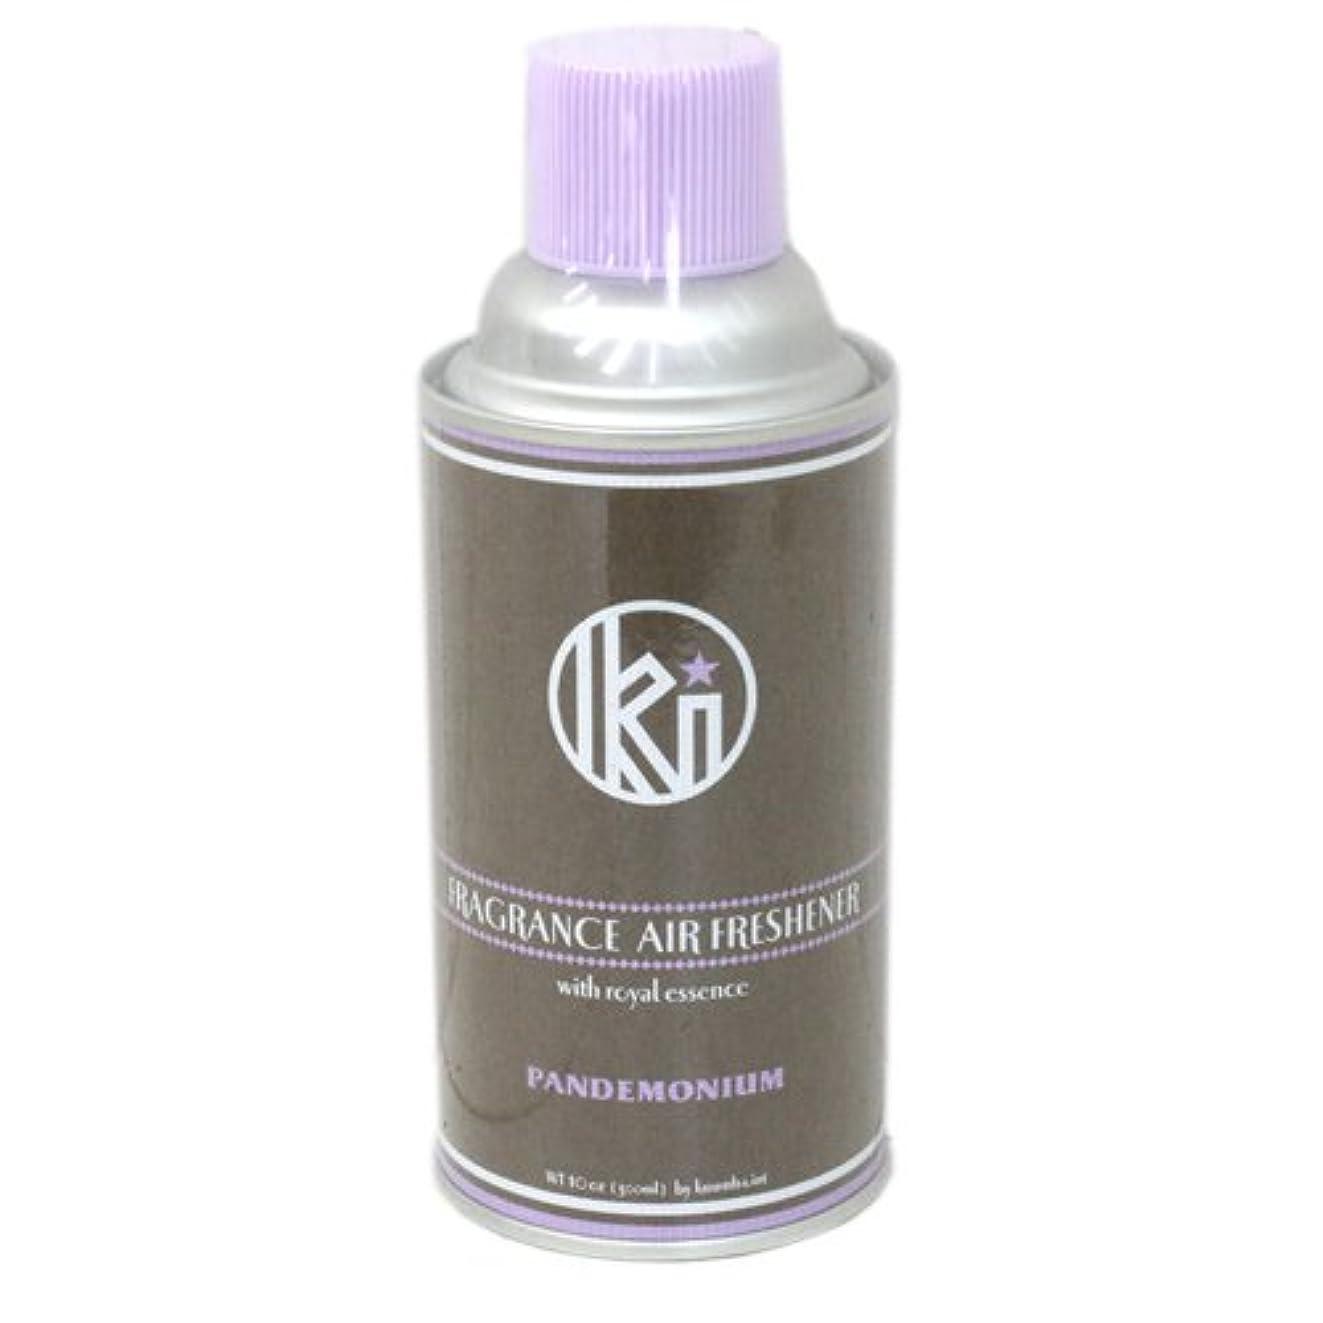 排泄物使用法器用Kuumba(クンバ)『AIR FRESHNER』(PANDEMONIUM) (ONE SIZE)